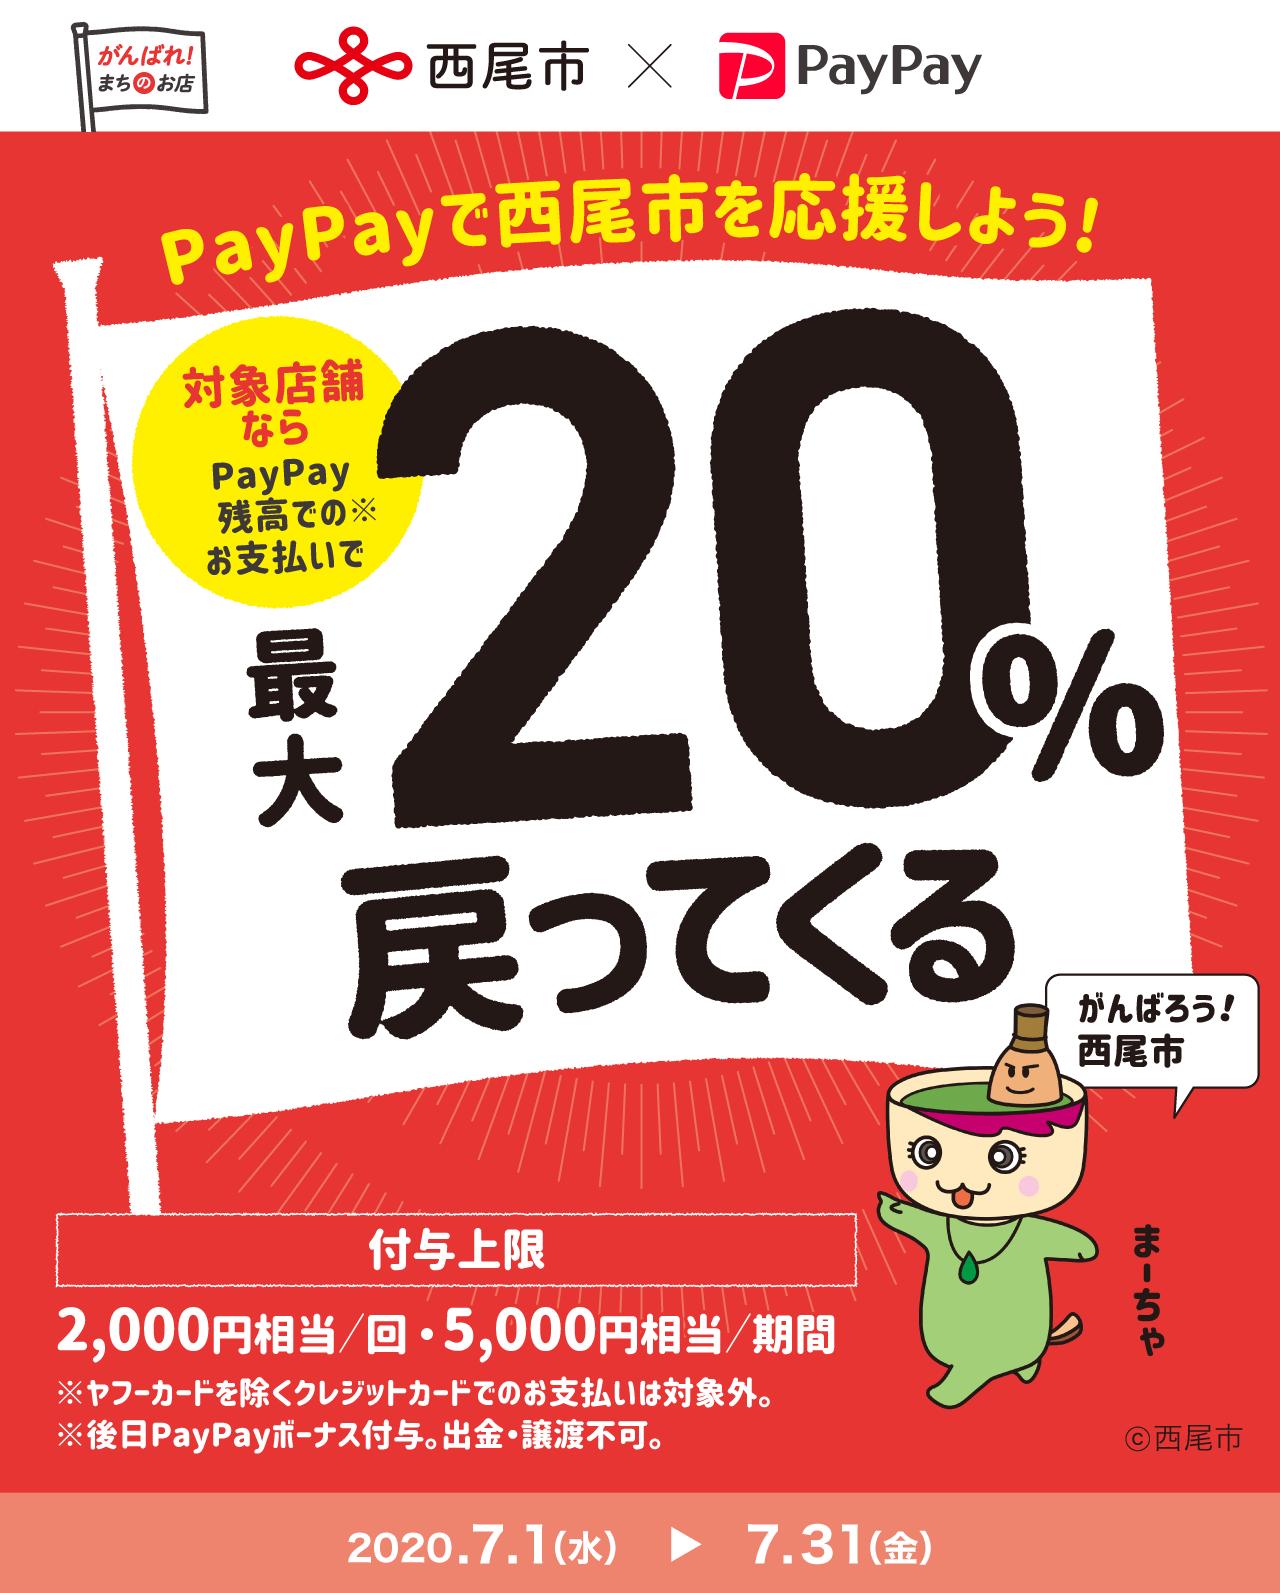 PayPayで西尾市を応援しよう! 対象店舗ならPayPay残高でのお支払いで 最大20%戻ってくる